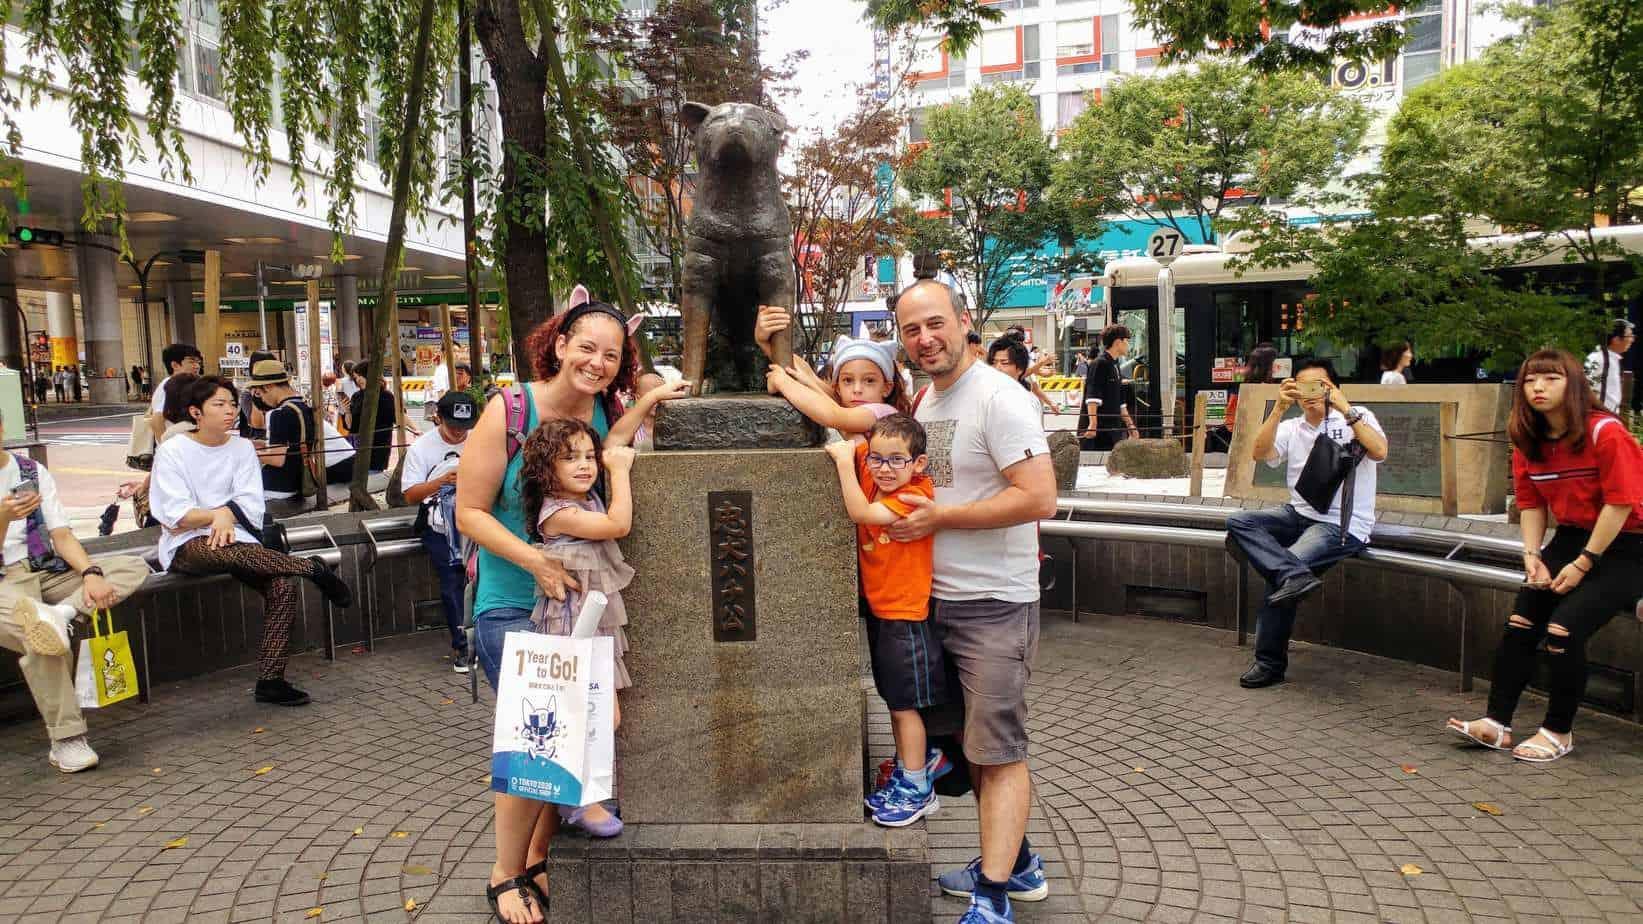 טוקיו עם ילדים - פסל הכלב האצ׳יקו Hachiko